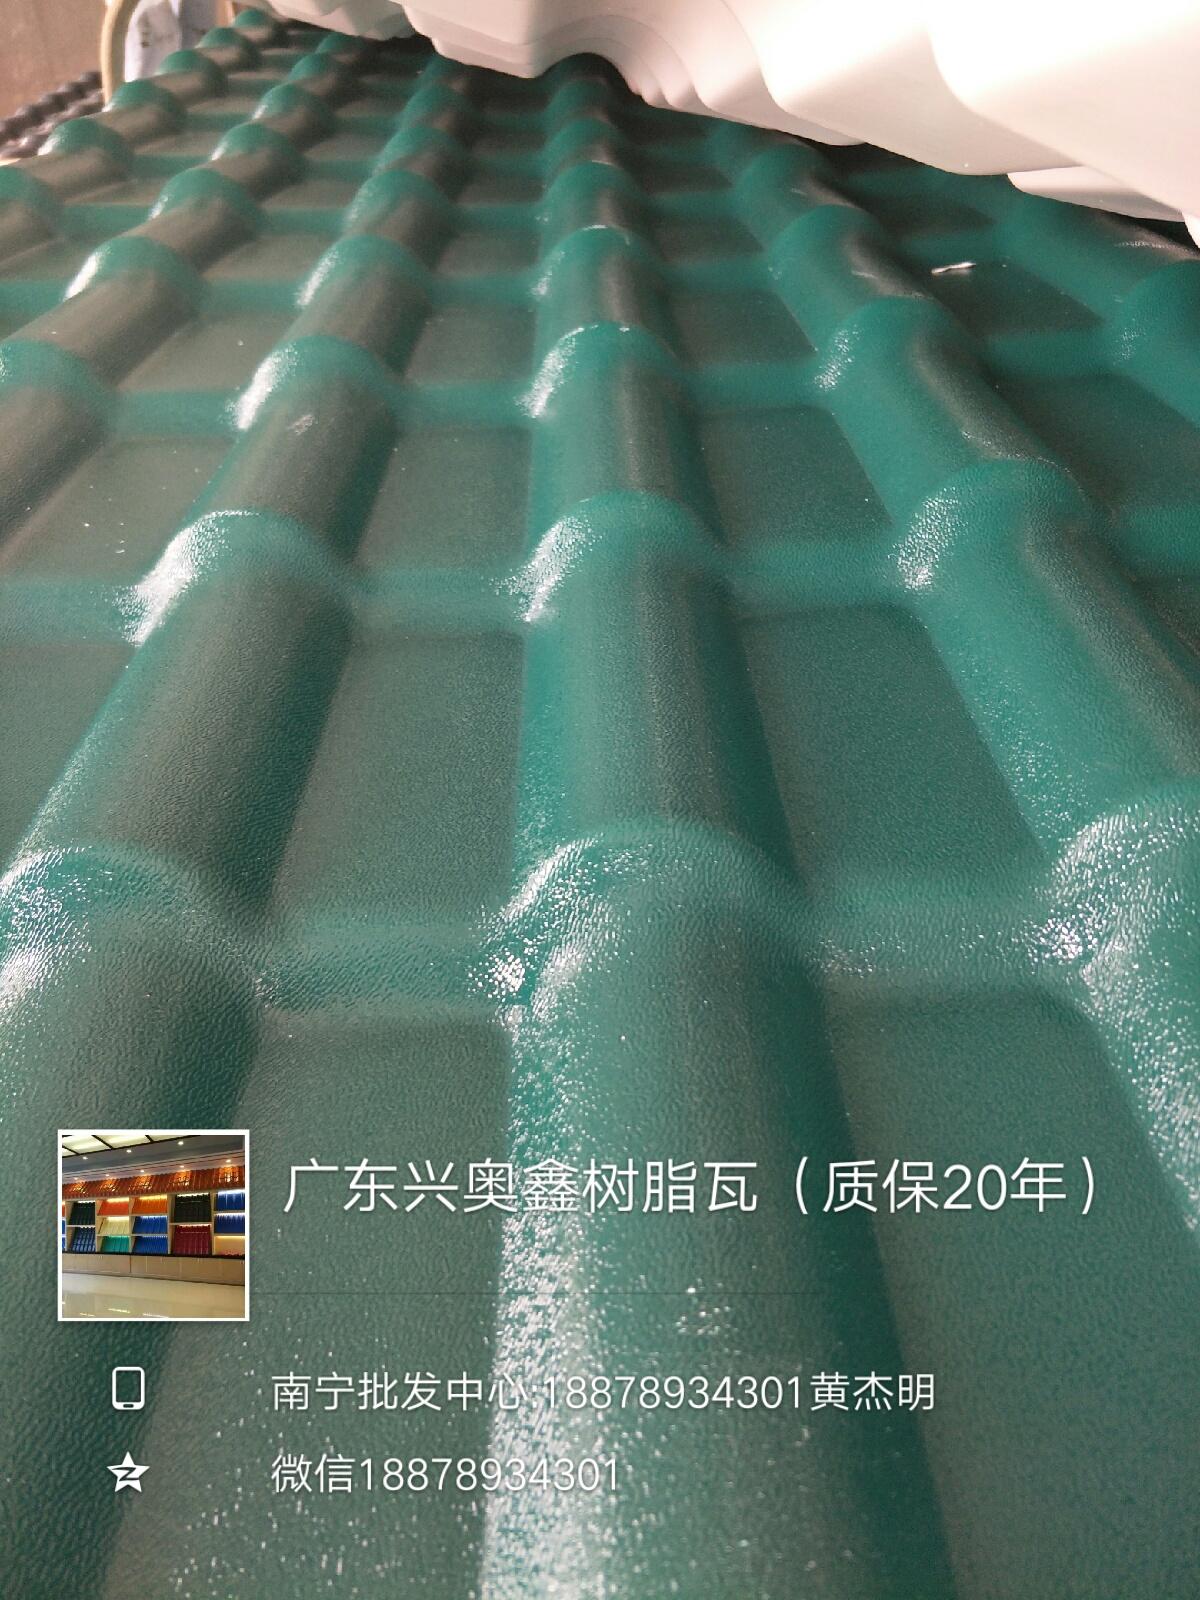 云南合成樹脂瓦,云南合成樹脂瓦供應商,云南合成樹脂瓦多少錢